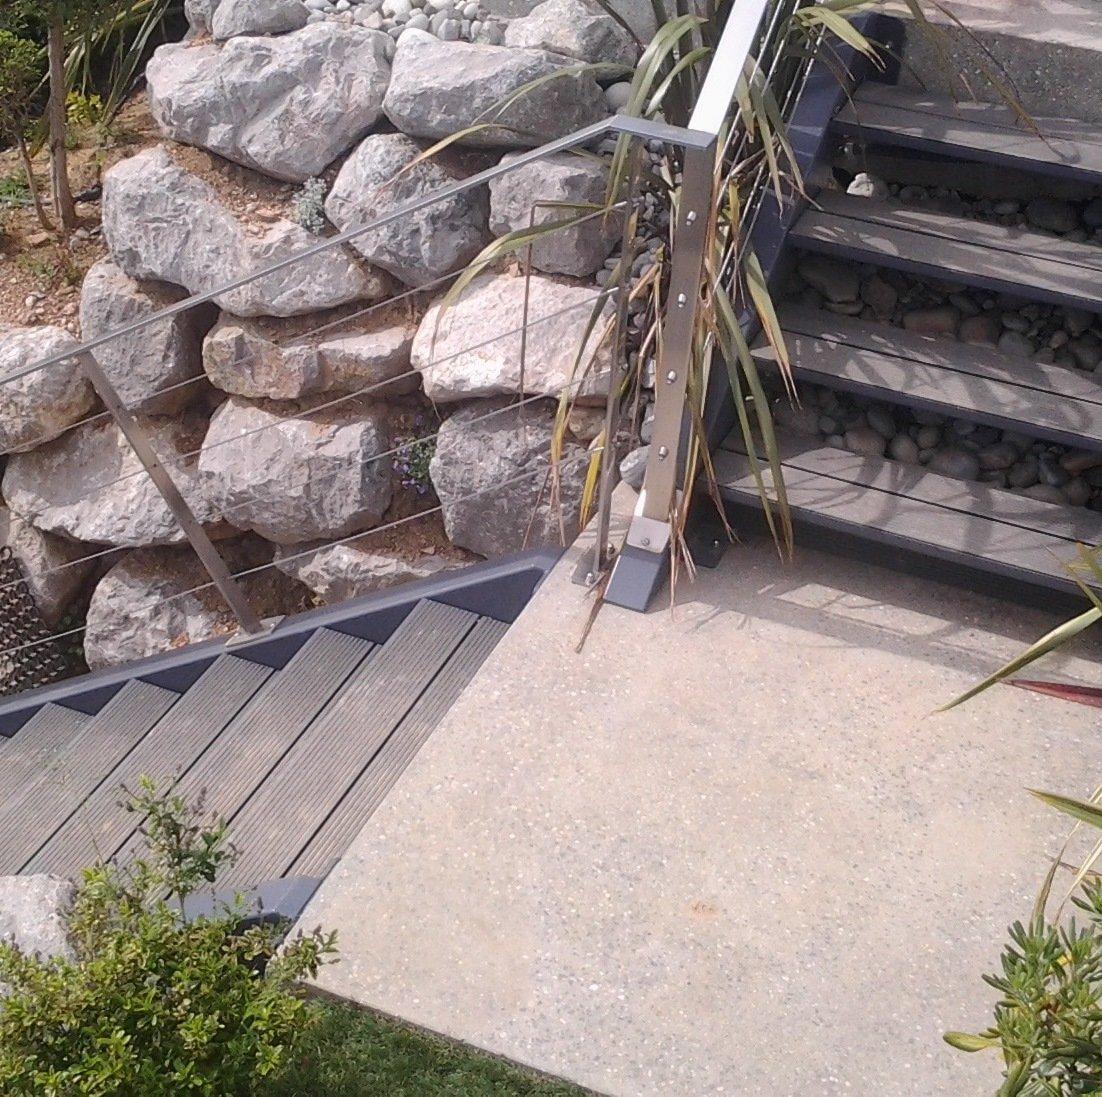 Escalier de terrasse - structure métallique avec marches en lames de terrasses